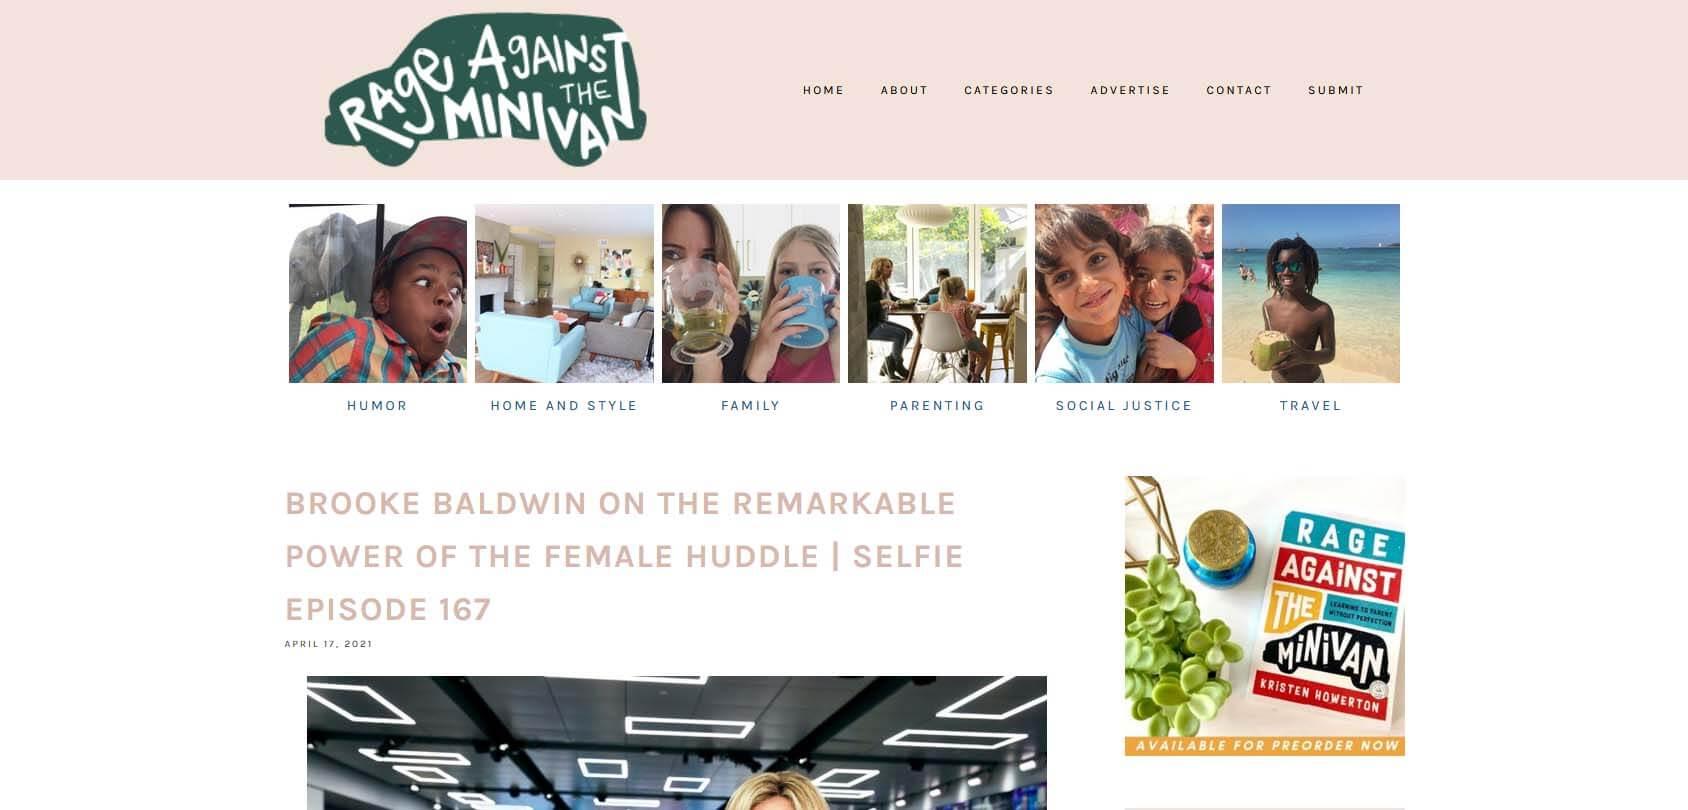 Rage Against the Minivan Homepage